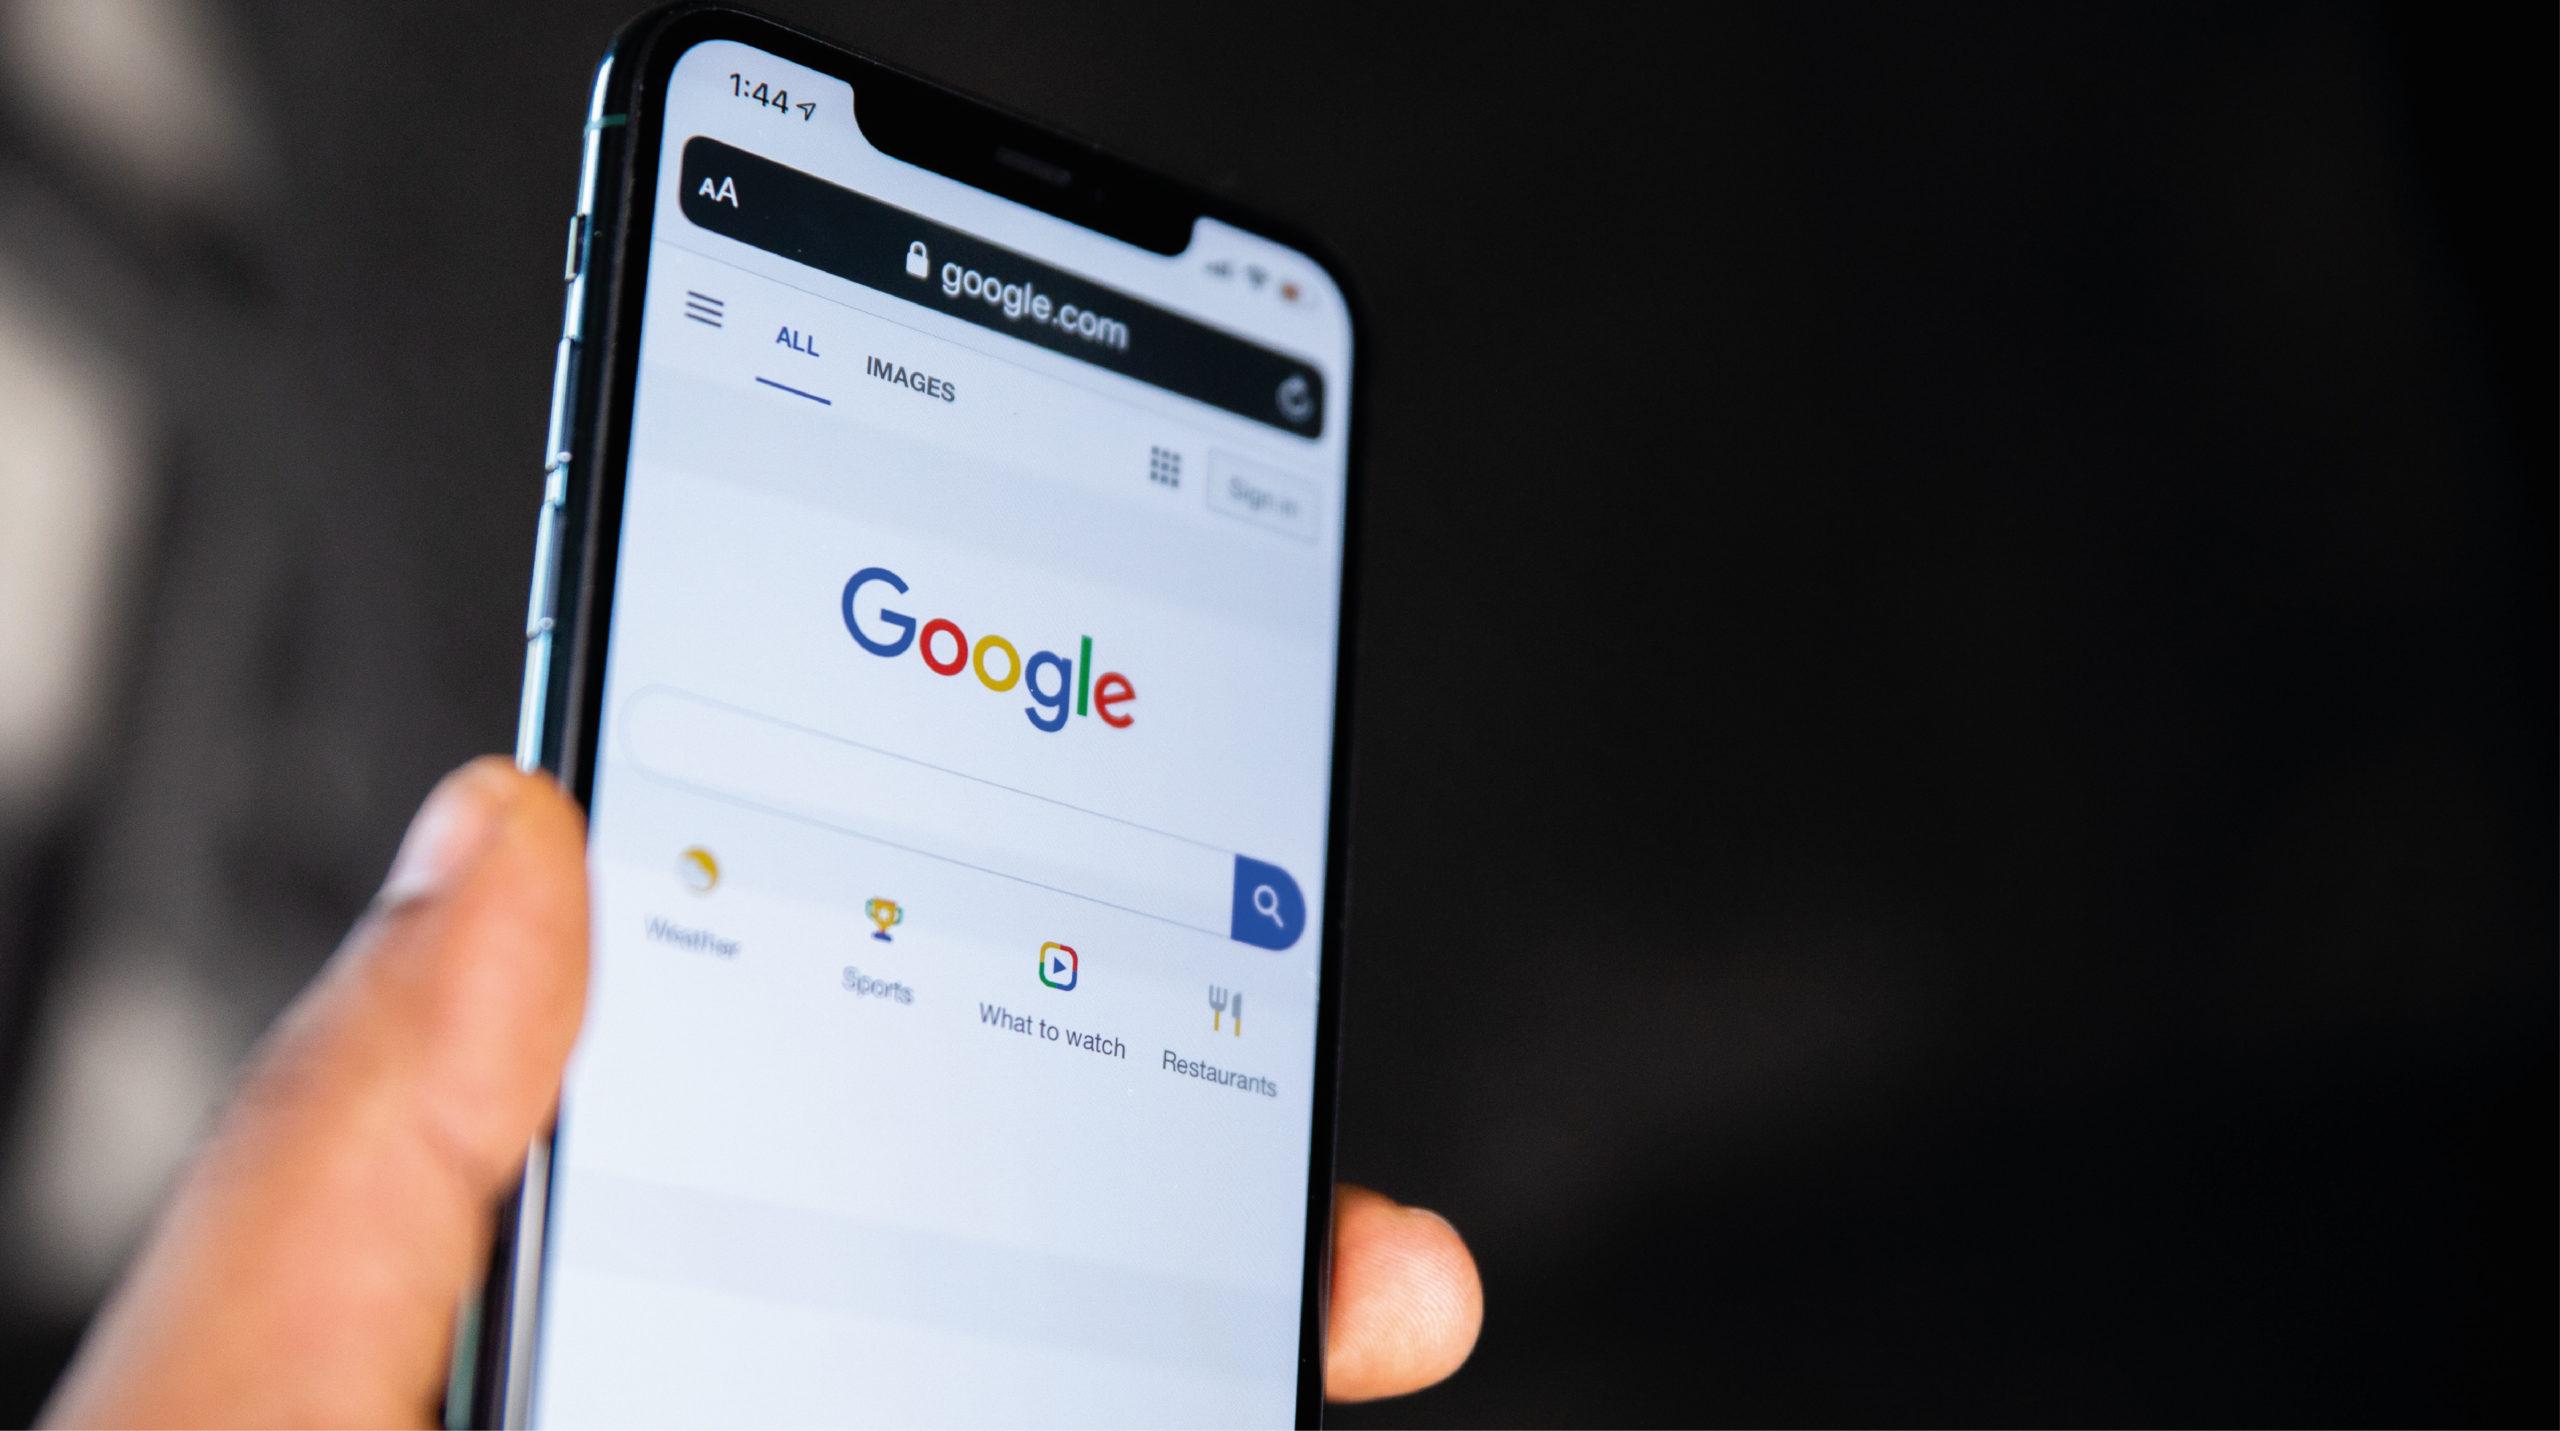 Francia impone multa millonaria a Google por abuso en publicidad en línea